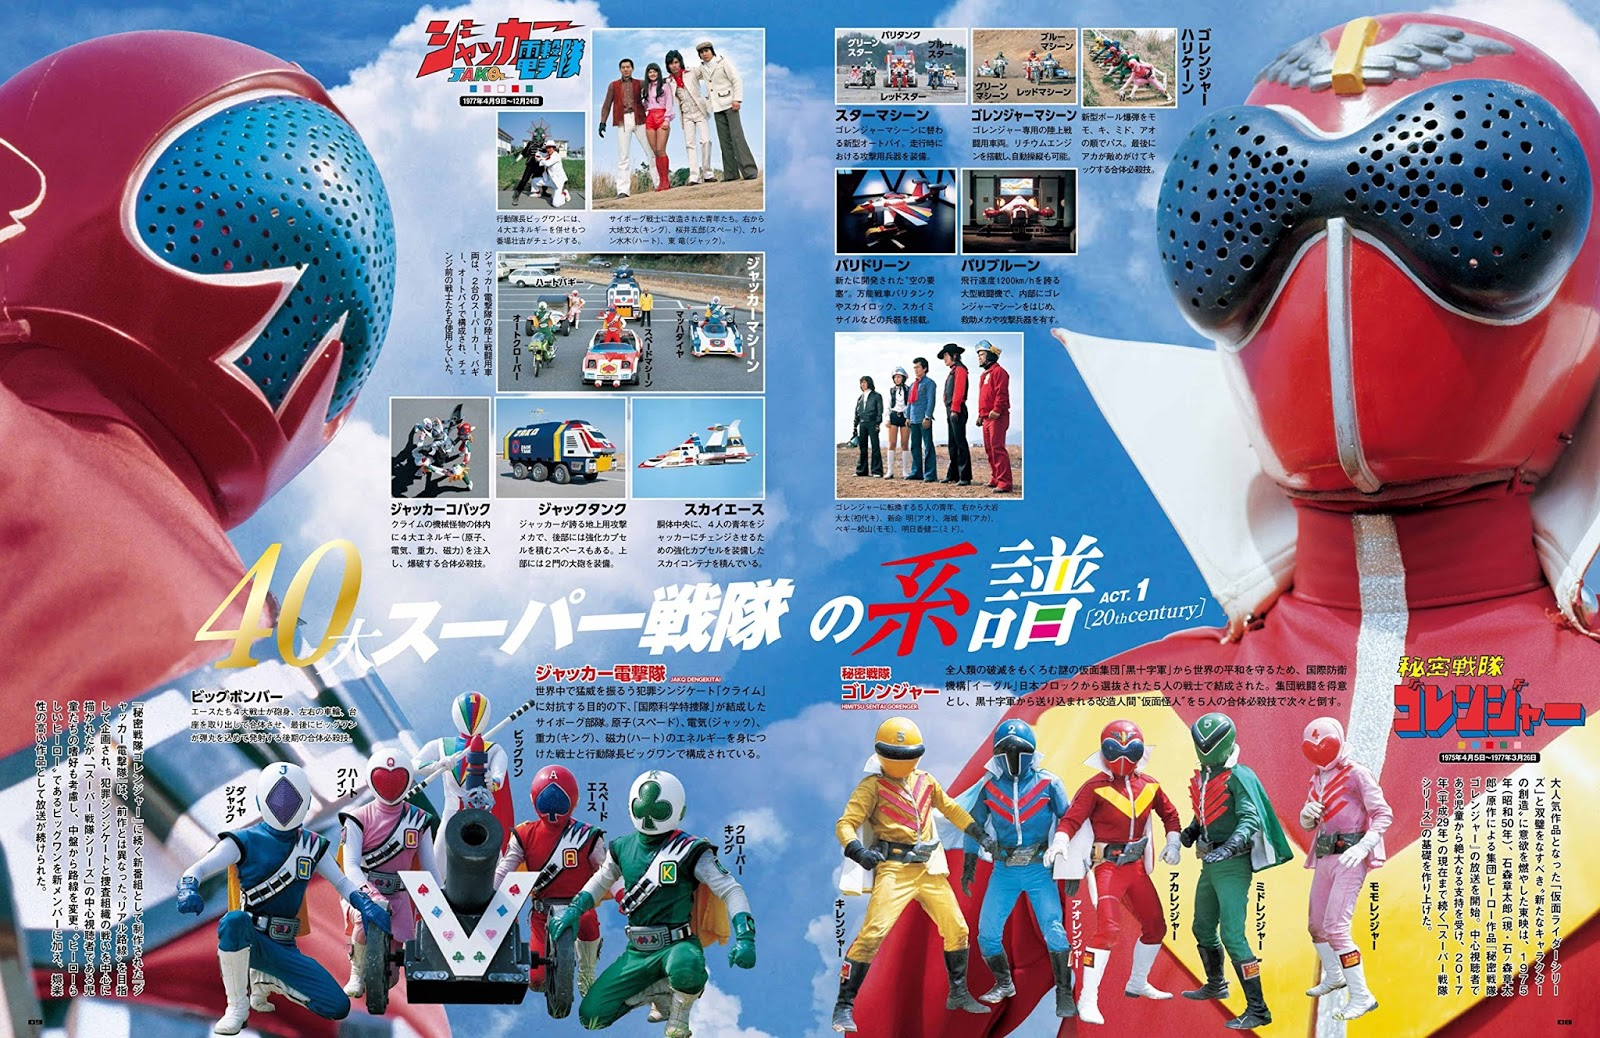 Harits Tokusatsu   Blog Tokusatsu Indonesia: Super Sentai Official